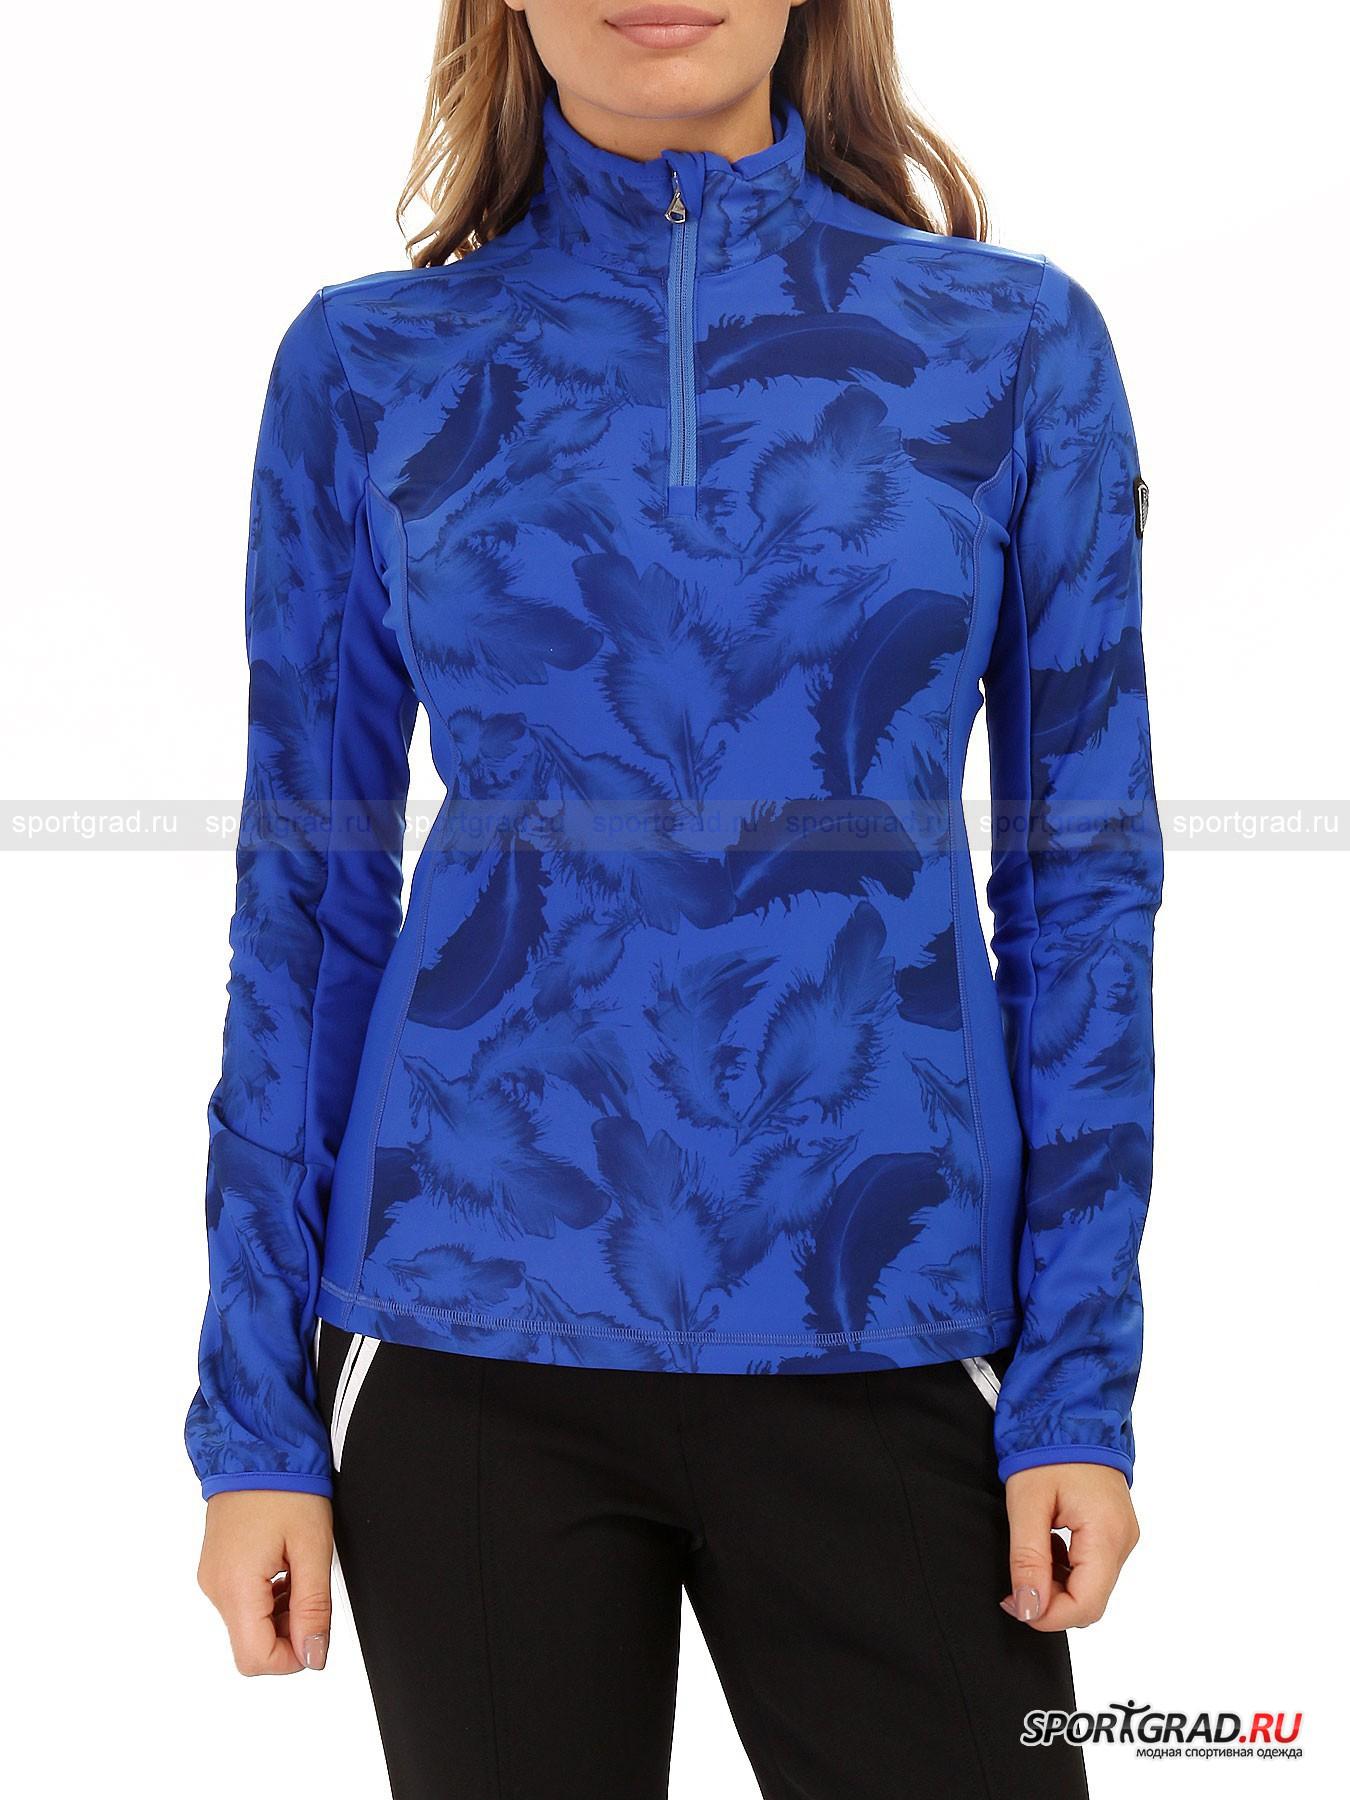 """Толстовка женская горнолыжная Ski Sweatshirt EMPORIO ARMANIТолстовки<br>Горнолыжная толстовка  Ski Sweatshirt от EA7 Emporio Armani воплощает в себе изящество и женственность в сочетании с инновационными технологиями. За """"техническую"""" часть отвечает ткань Carvico, из которой выполнена модель: она  удерживает тепло тела и выводит лишнюю влагу, обладает превосходными """"дышащими"""" свойствами и даже защищает от ультрафиолетового излучения. Красоту же обеспечивает приталенный крой, интересные цвета и нежный принт с изображением перьев.<br><br>Особенности модели:<br>-вертикальные рельефы для лучшего прилегания;<br>-воротник-стойка;<br>-молния в верхней части;<br>-фирменная нашивка на плече;<br>-мягкая """"плюшевая"""" изнанка.<br><br>Пол: Женский<br>Возраст: Взрослый<br>Тип: Толстовки<br>Рекомендации по уходу: стирка при 30 С; нельзя гладить, отбеливать, подвергать химической чистке, выжимать и сушить в стиральной машине<br>Состав: 85% полиамид, 15% эластан"""